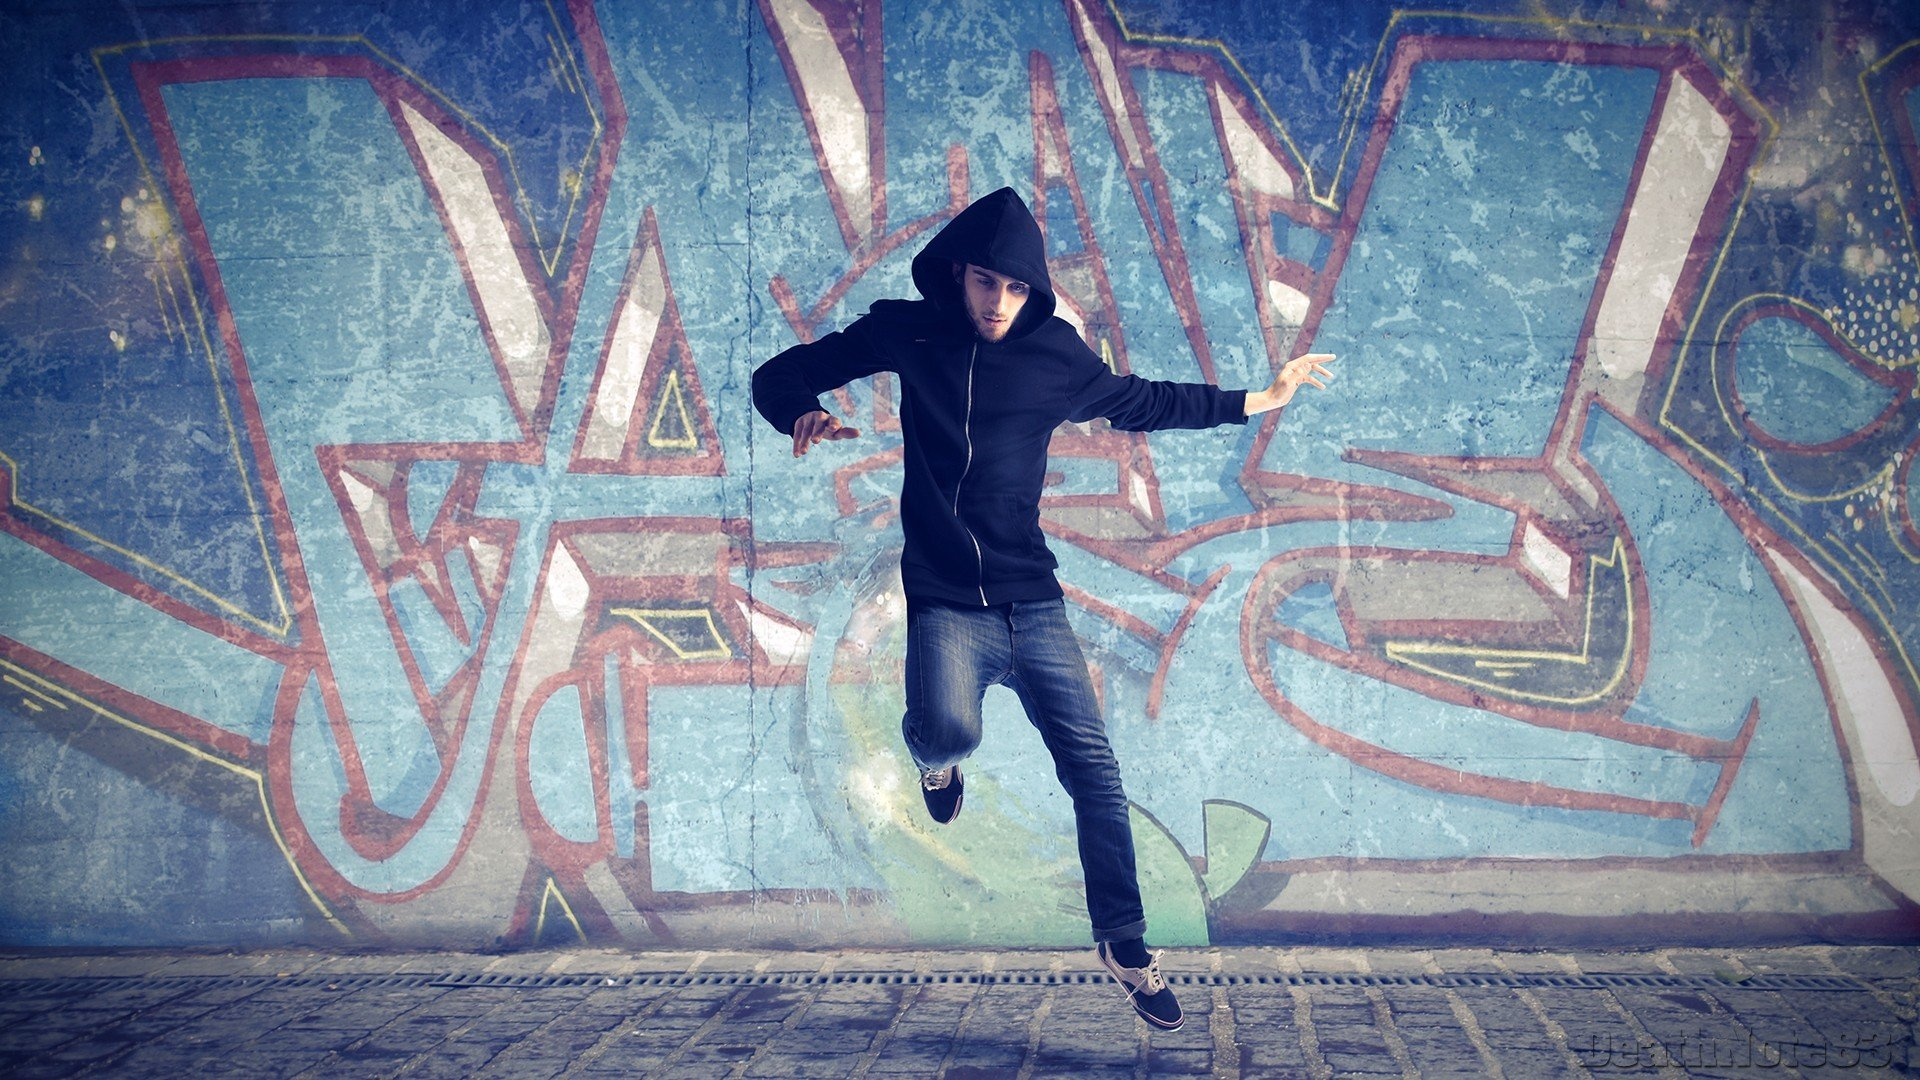 обновить интерьер картинки на аву для граффити актуальность